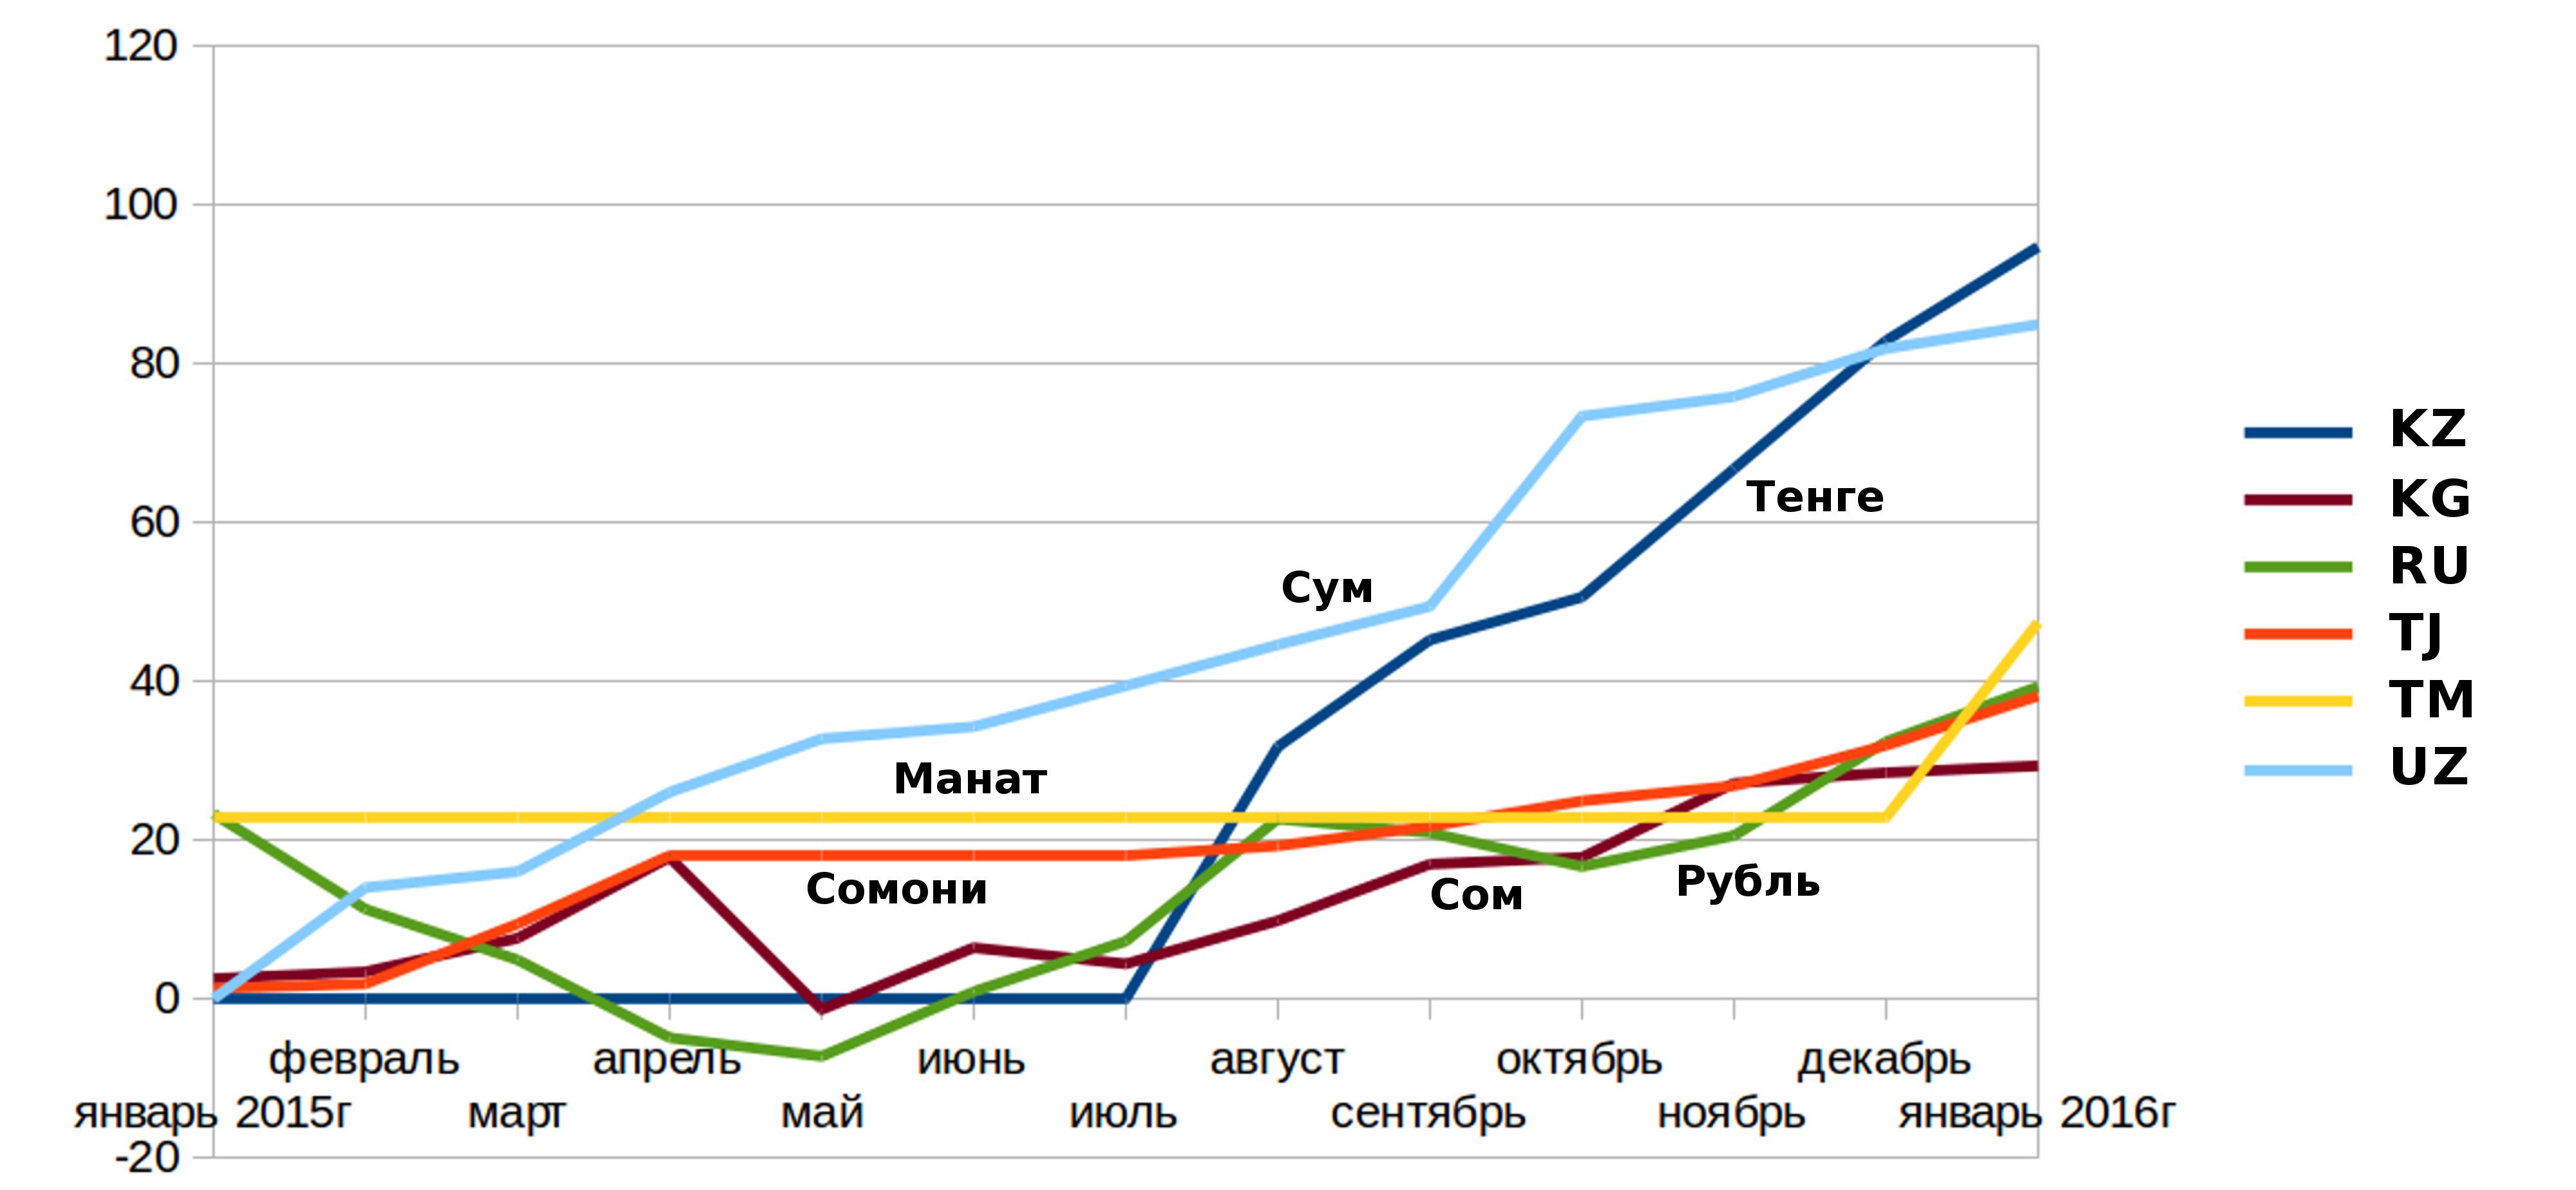 грибы, курс рубля по отношению к тенге проверки детекторе лжи